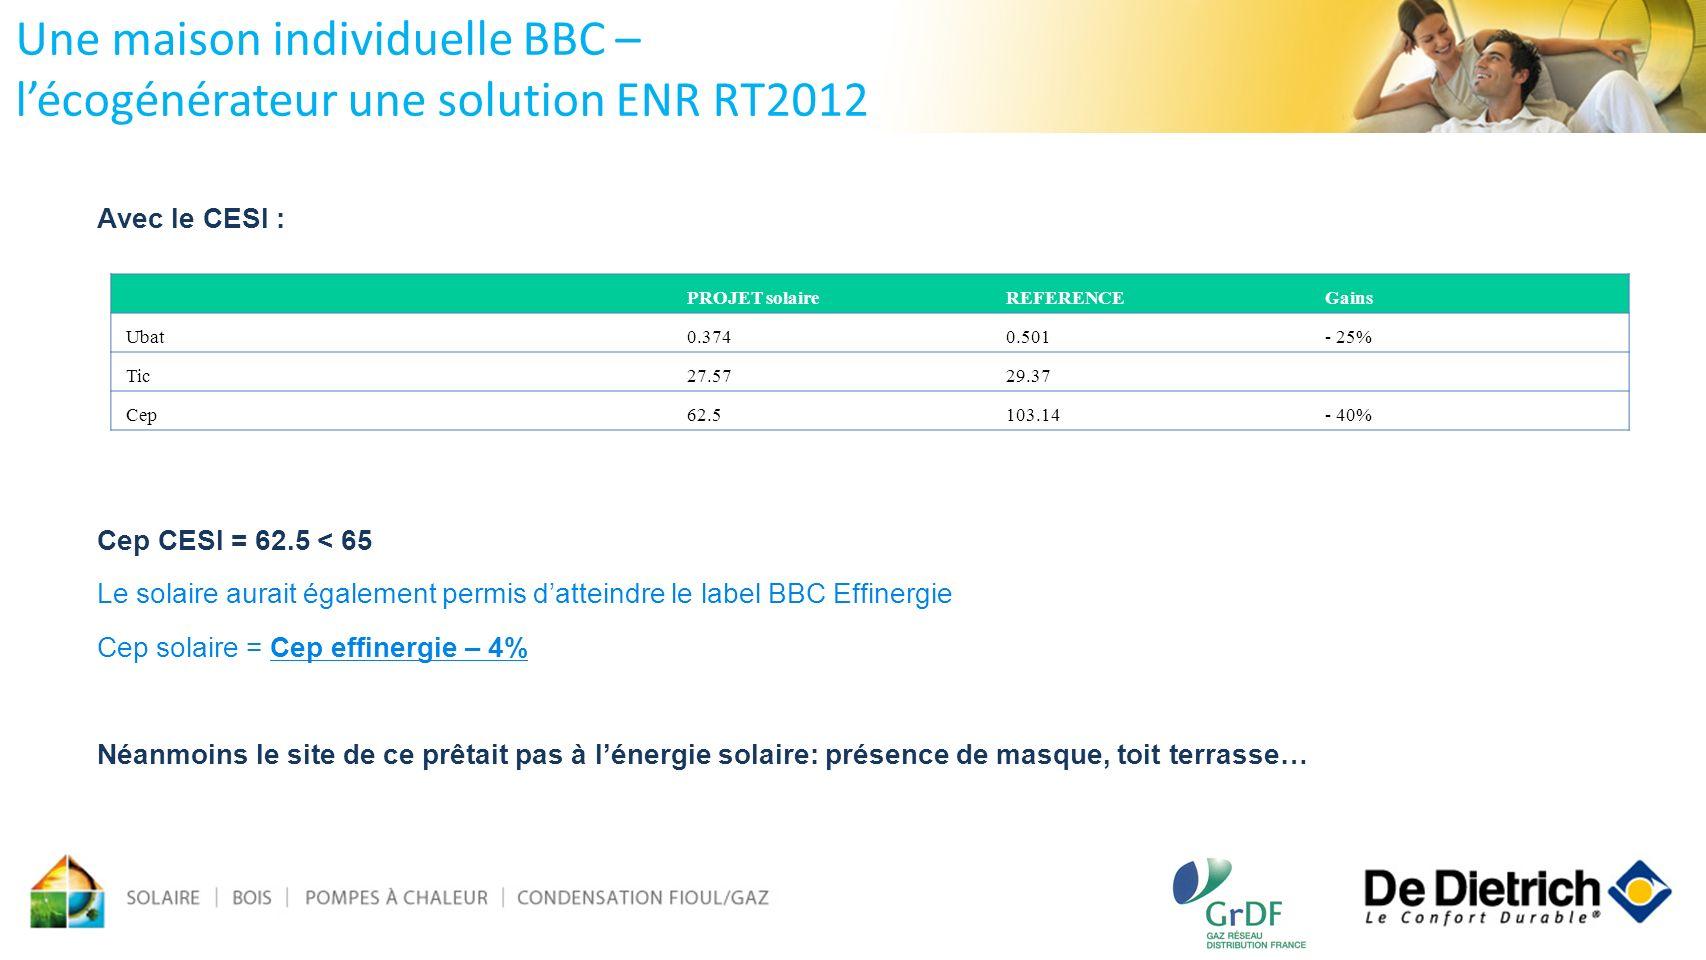 Une maison individuelle BBC – l'écogénérateur une solution ENR RT2012